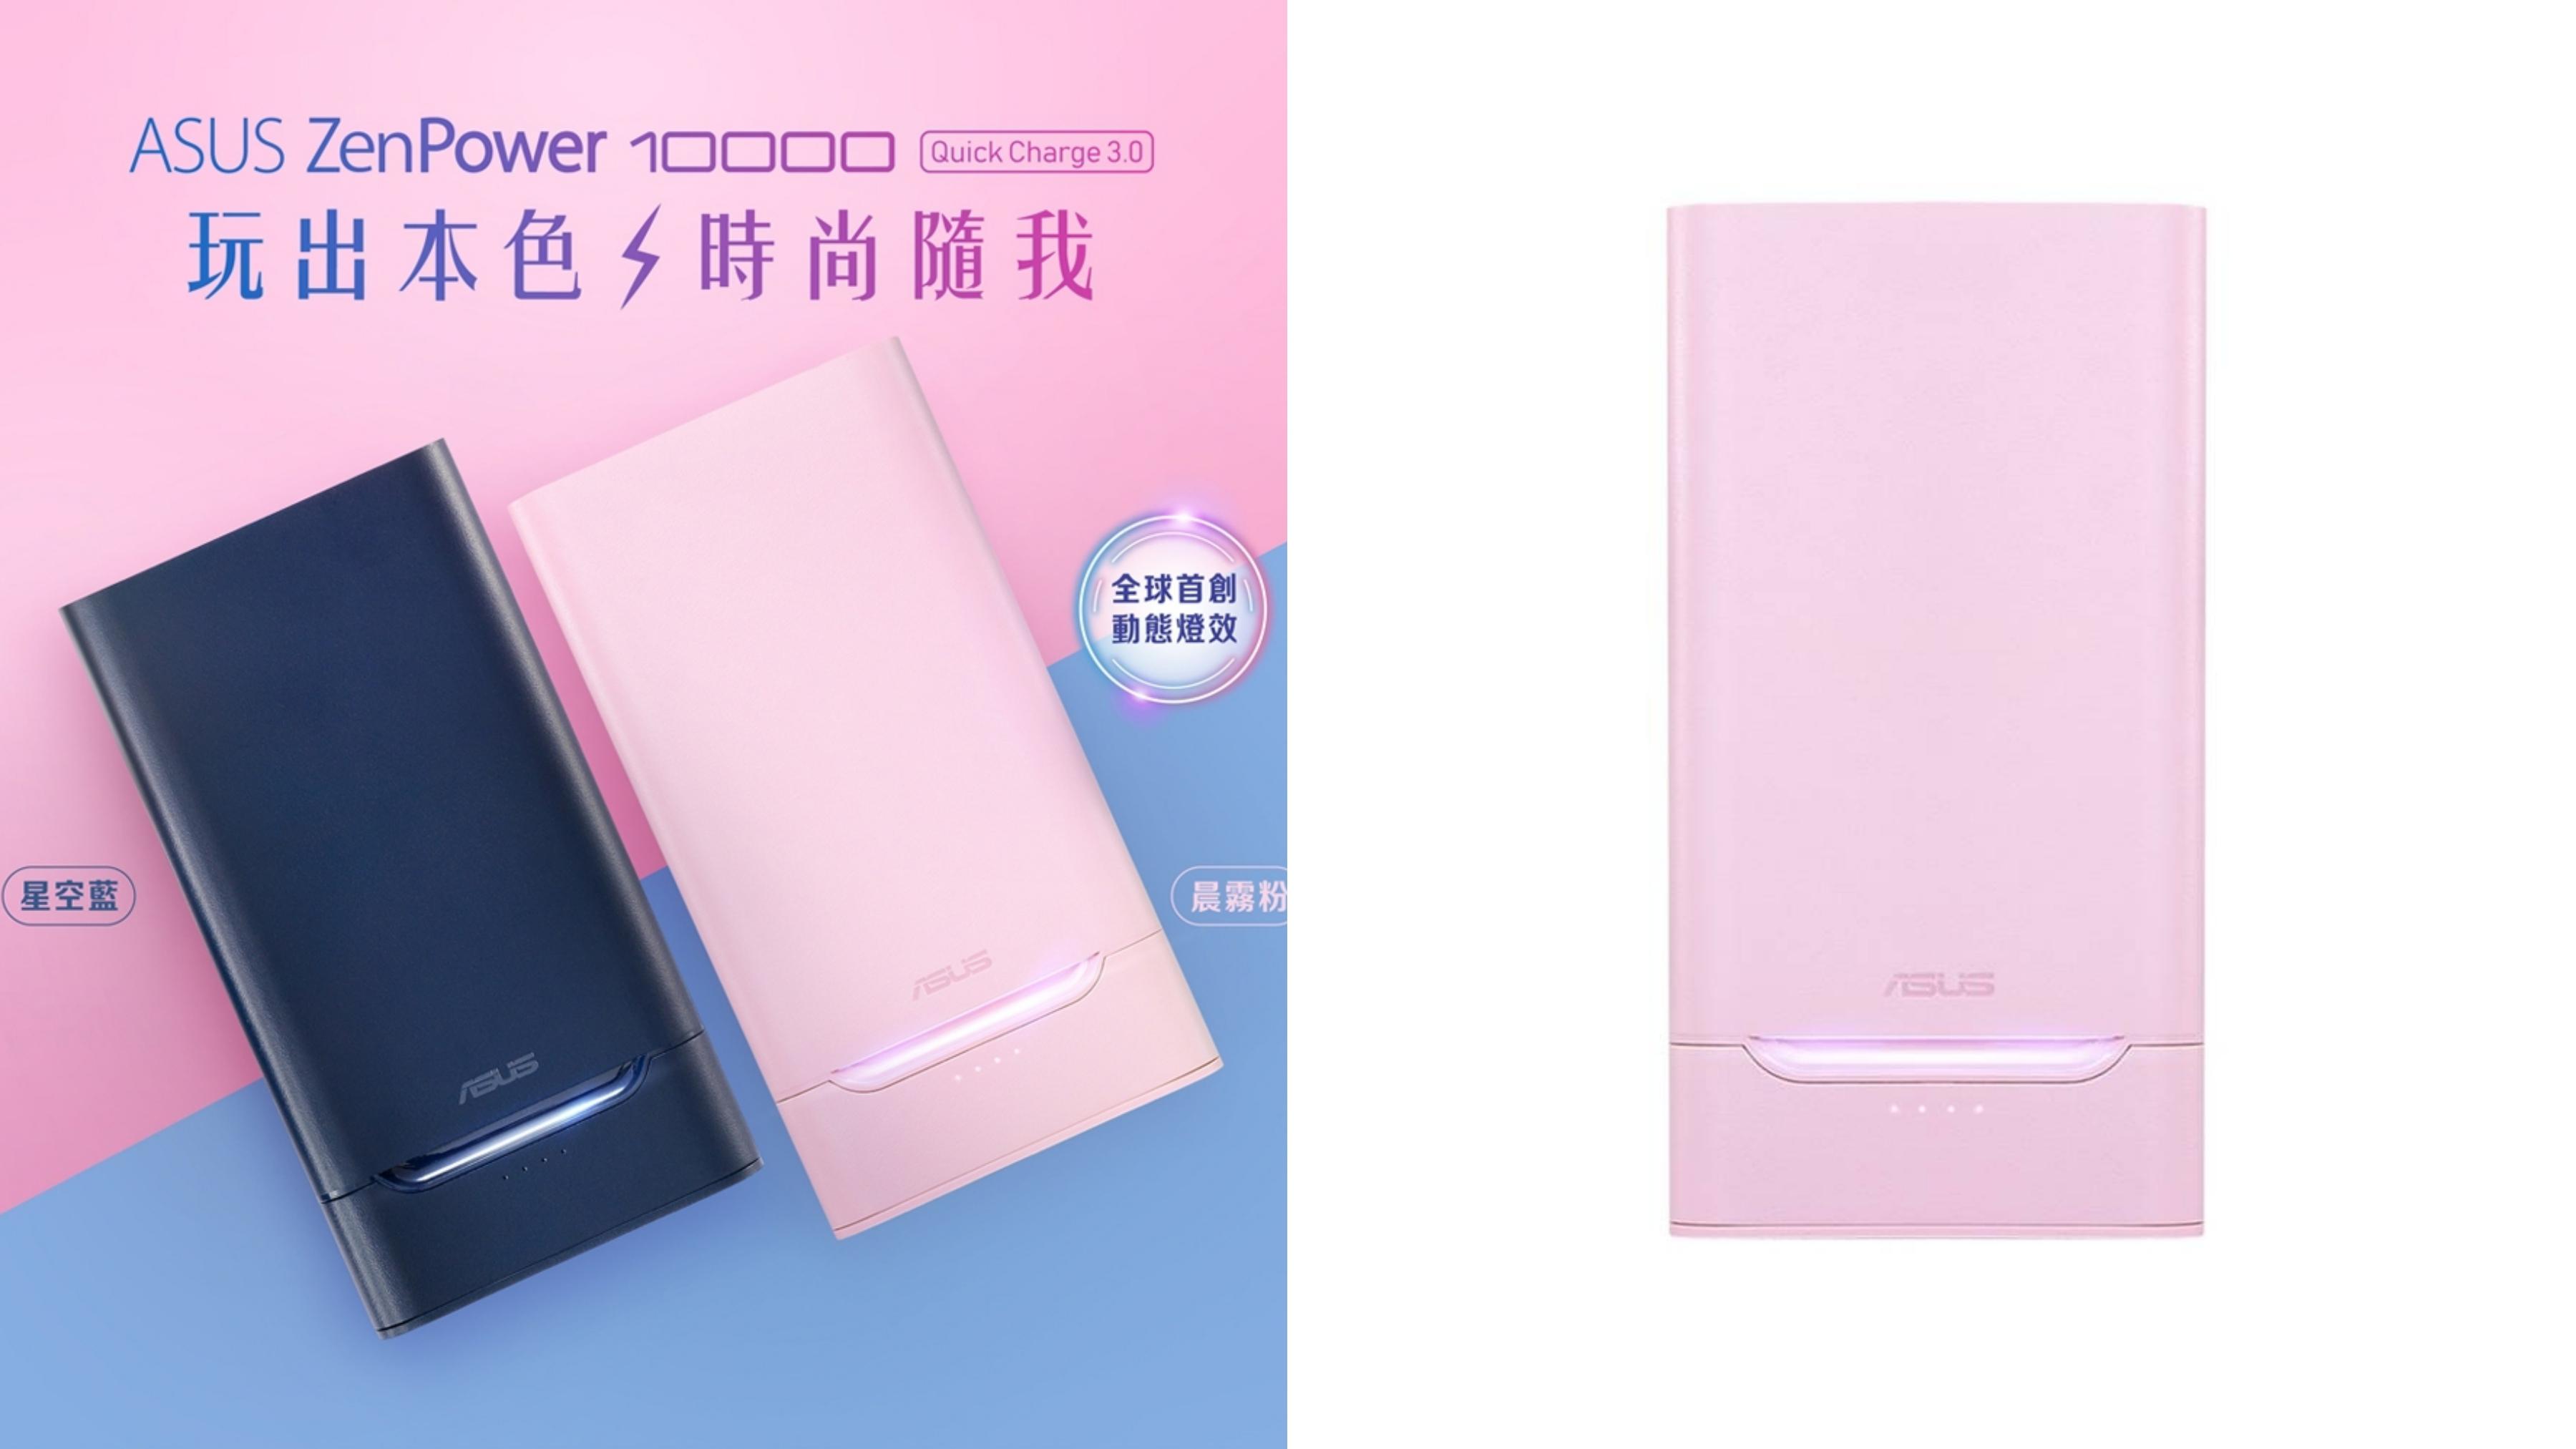 纖薄流線設計+晨霧粉色,打造時尚甜美的態度